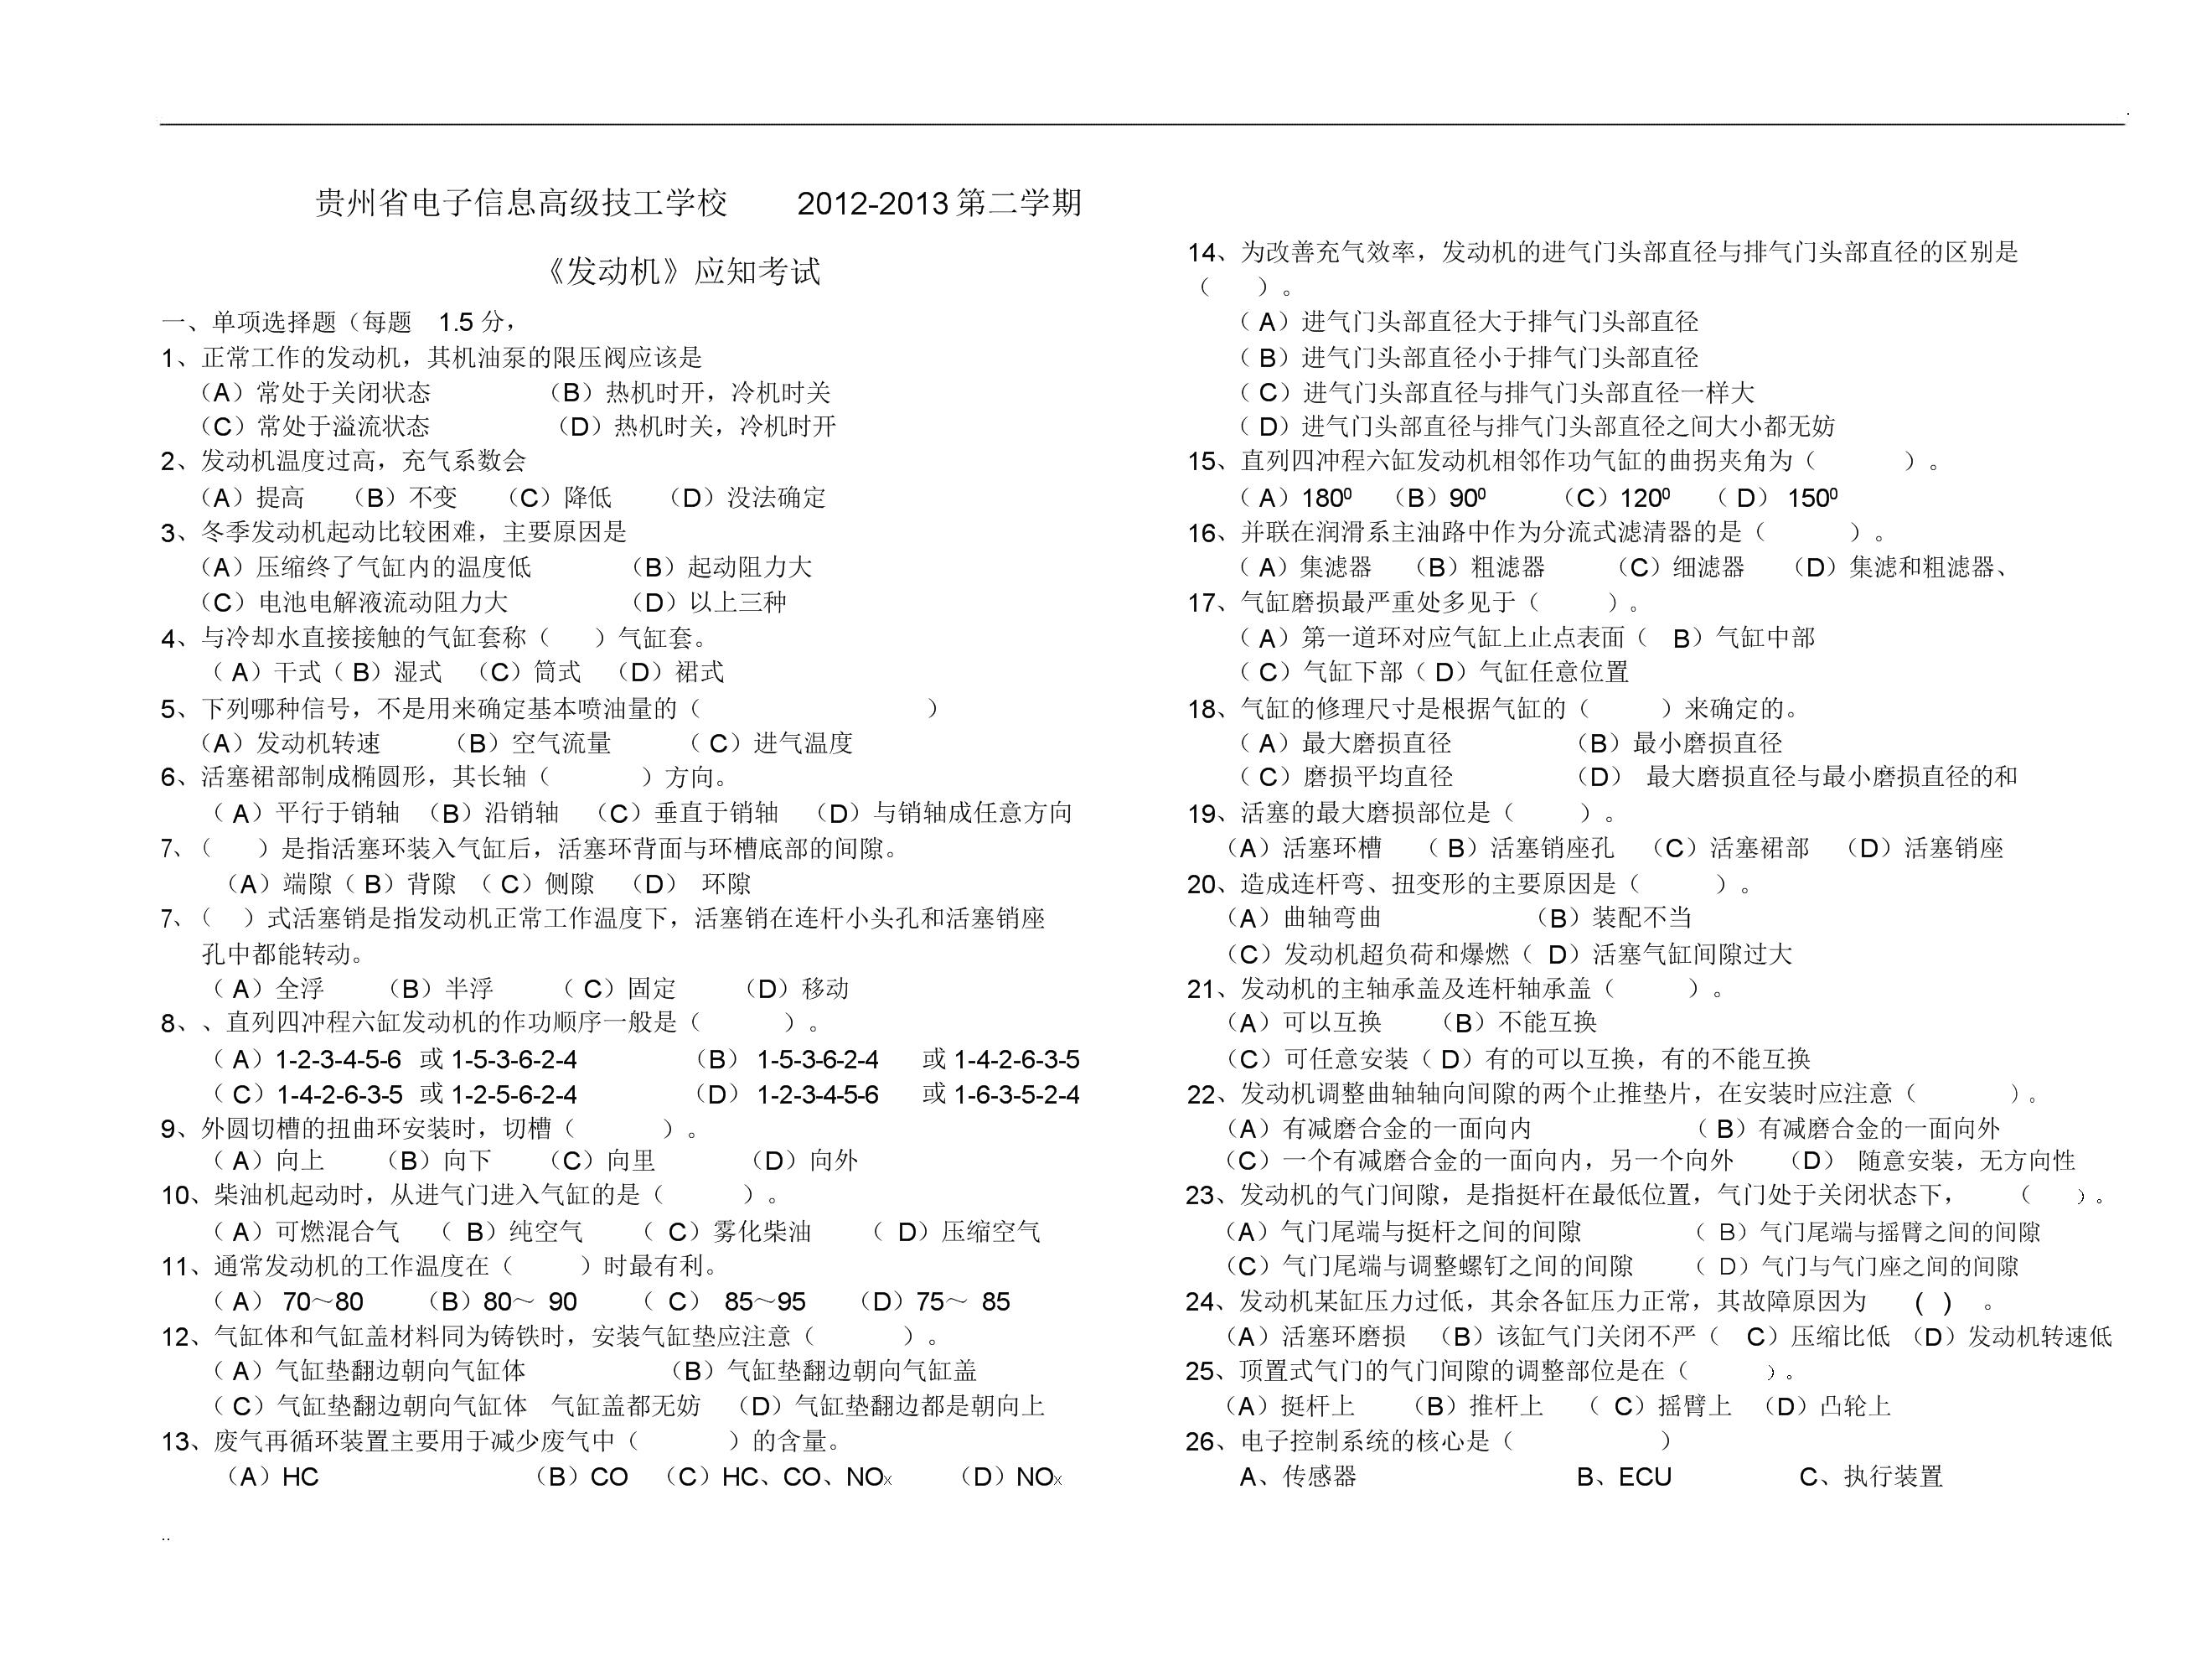 贵州省电子信息高级技工学校2012-2013第二学期《发动机》应知考试.docx